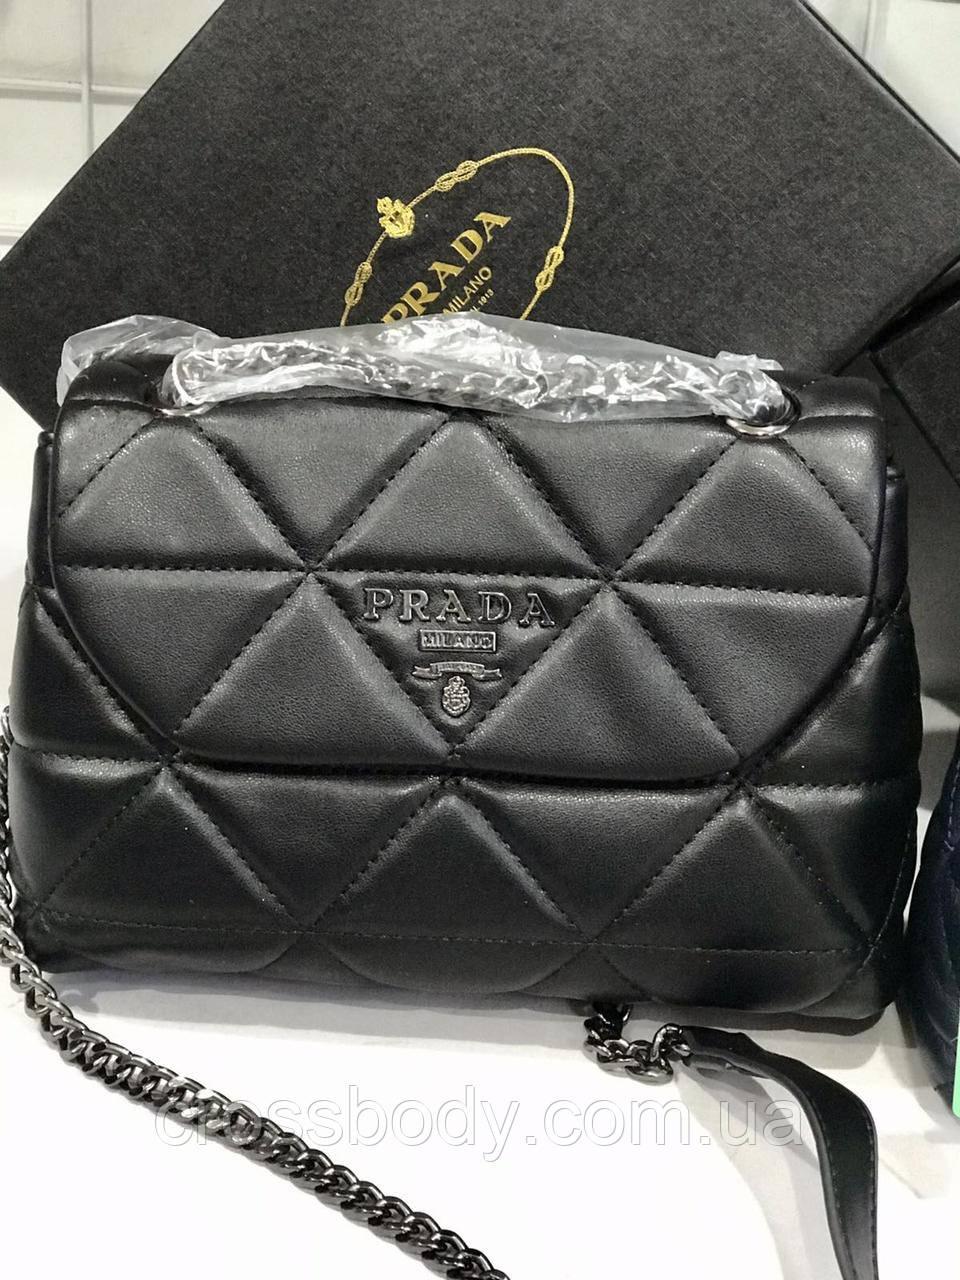 Женская сумка Prada в стиле черная пыльник коробка документ